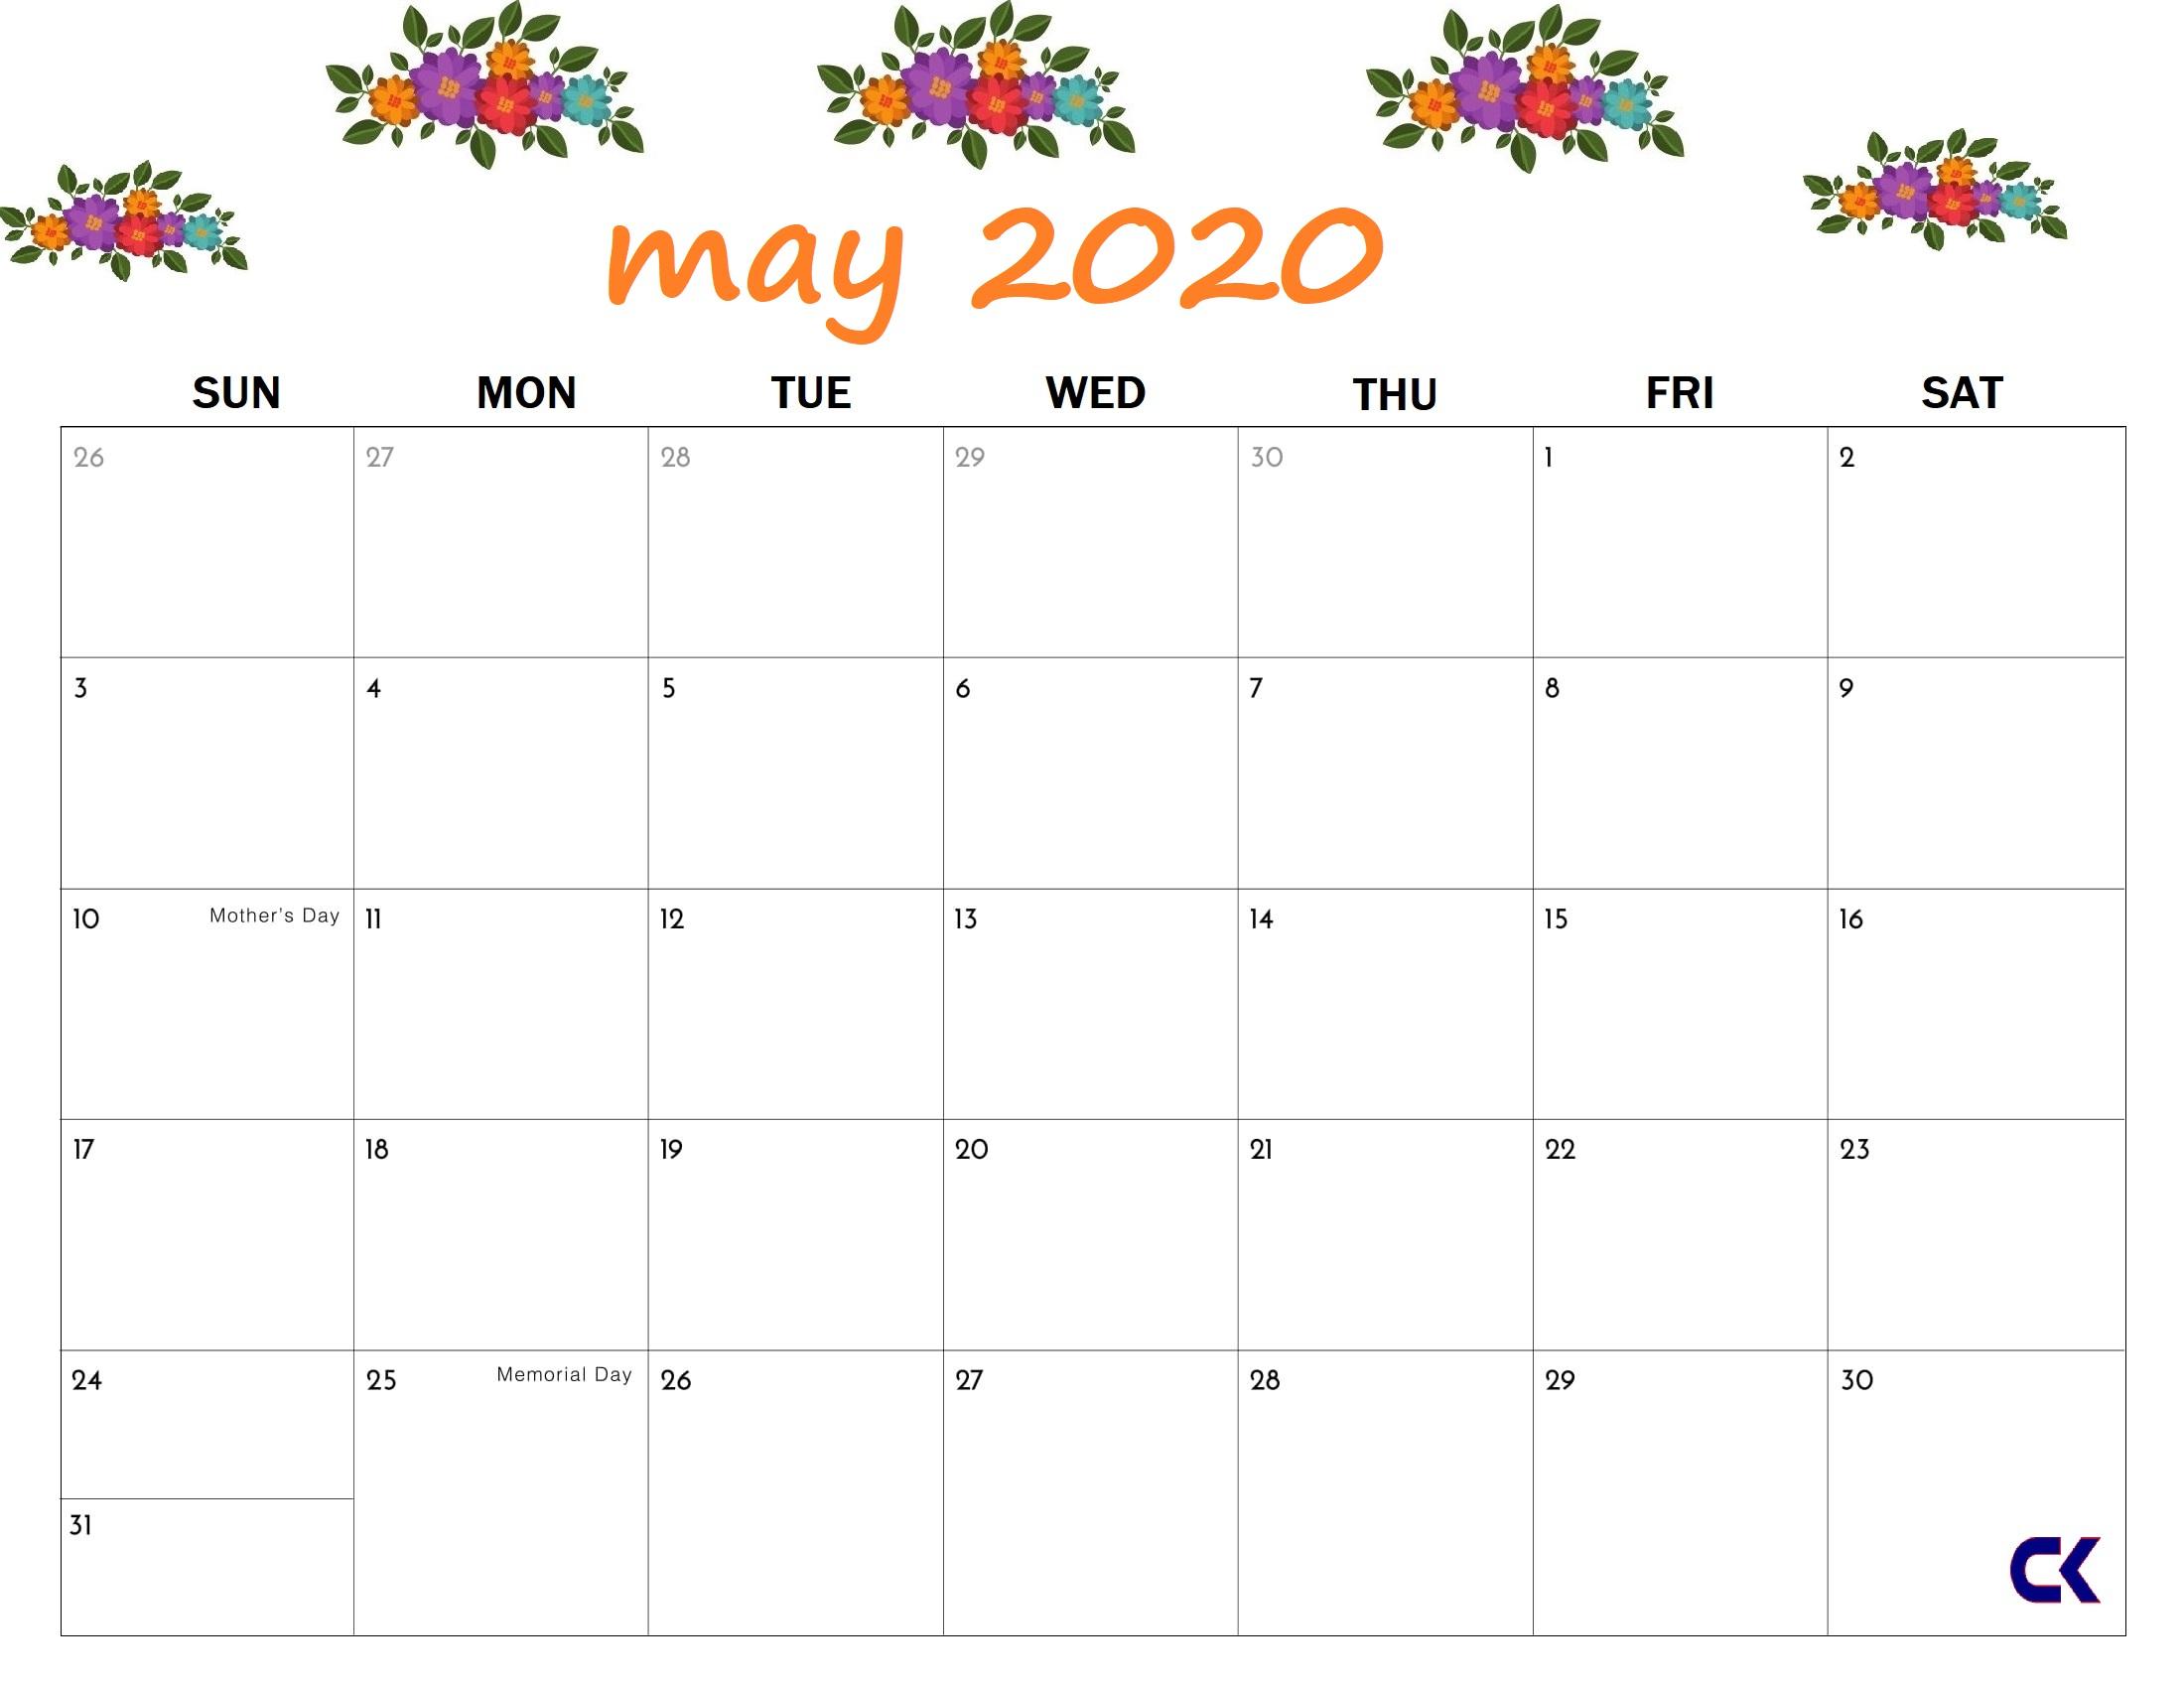 May 2020 Calendar. ⚡ April, May And June 2020 Calendar throughout Wincalendar April 2020